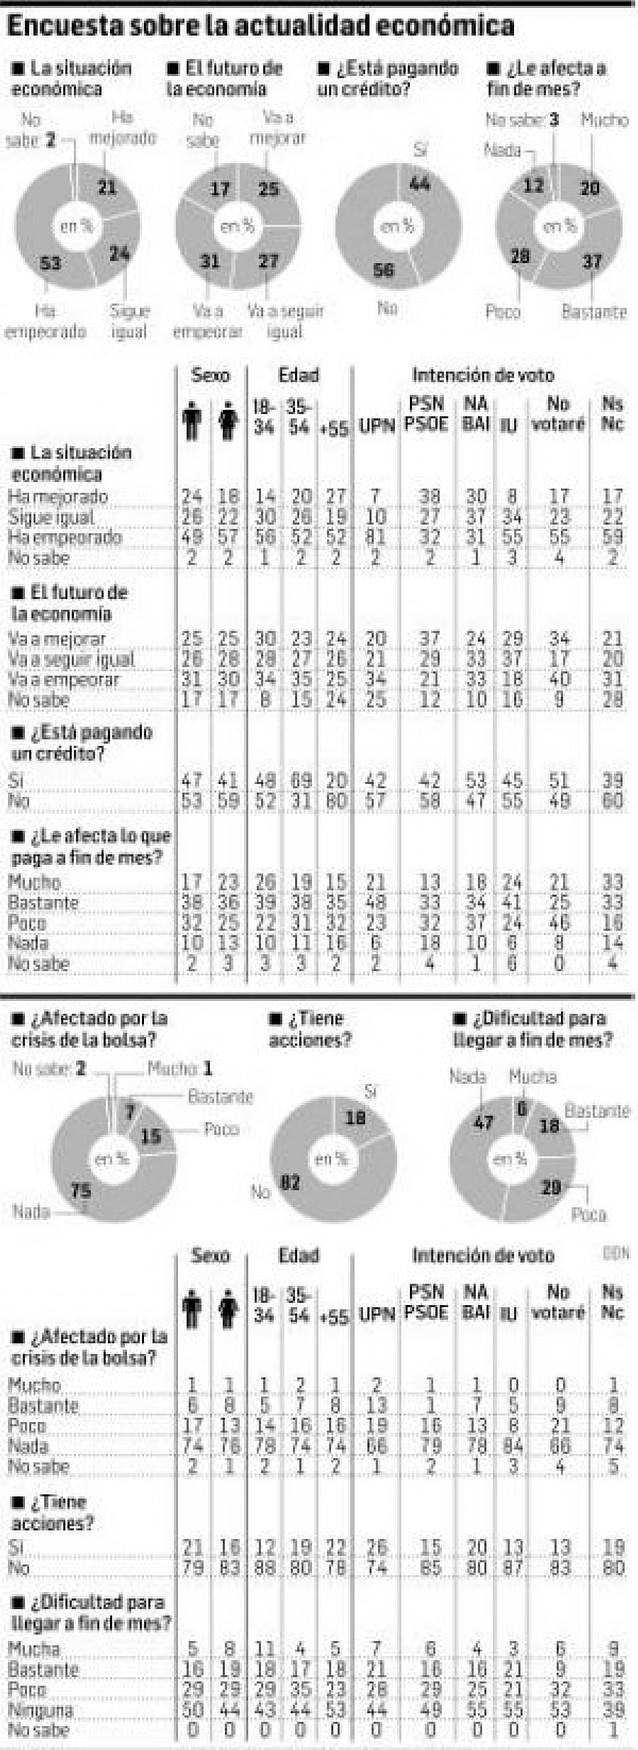 El 53% de los navarros cree que la economía del país ha empeorado